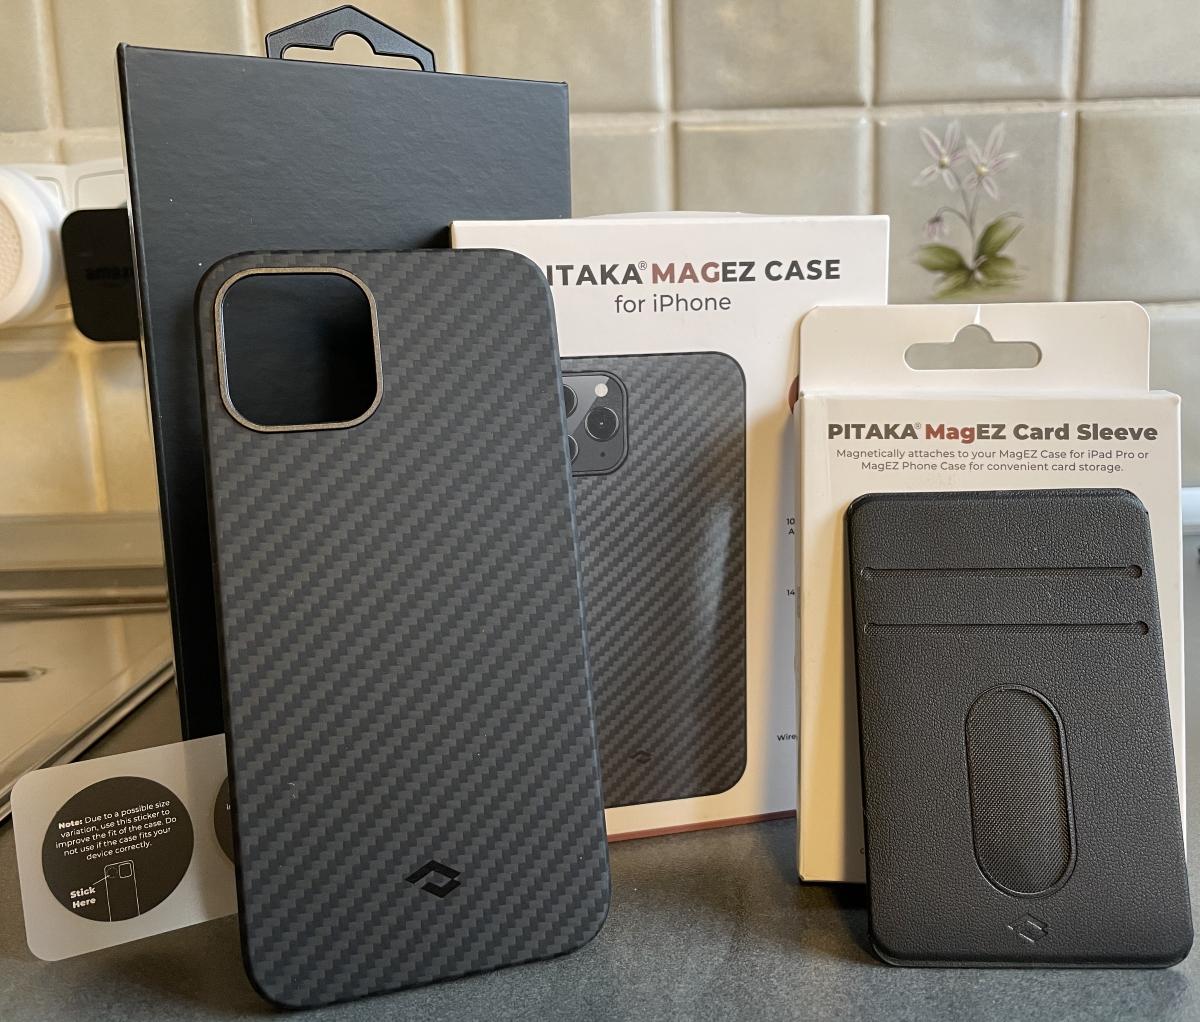 Pitaka Magez Case und Card Sleeve